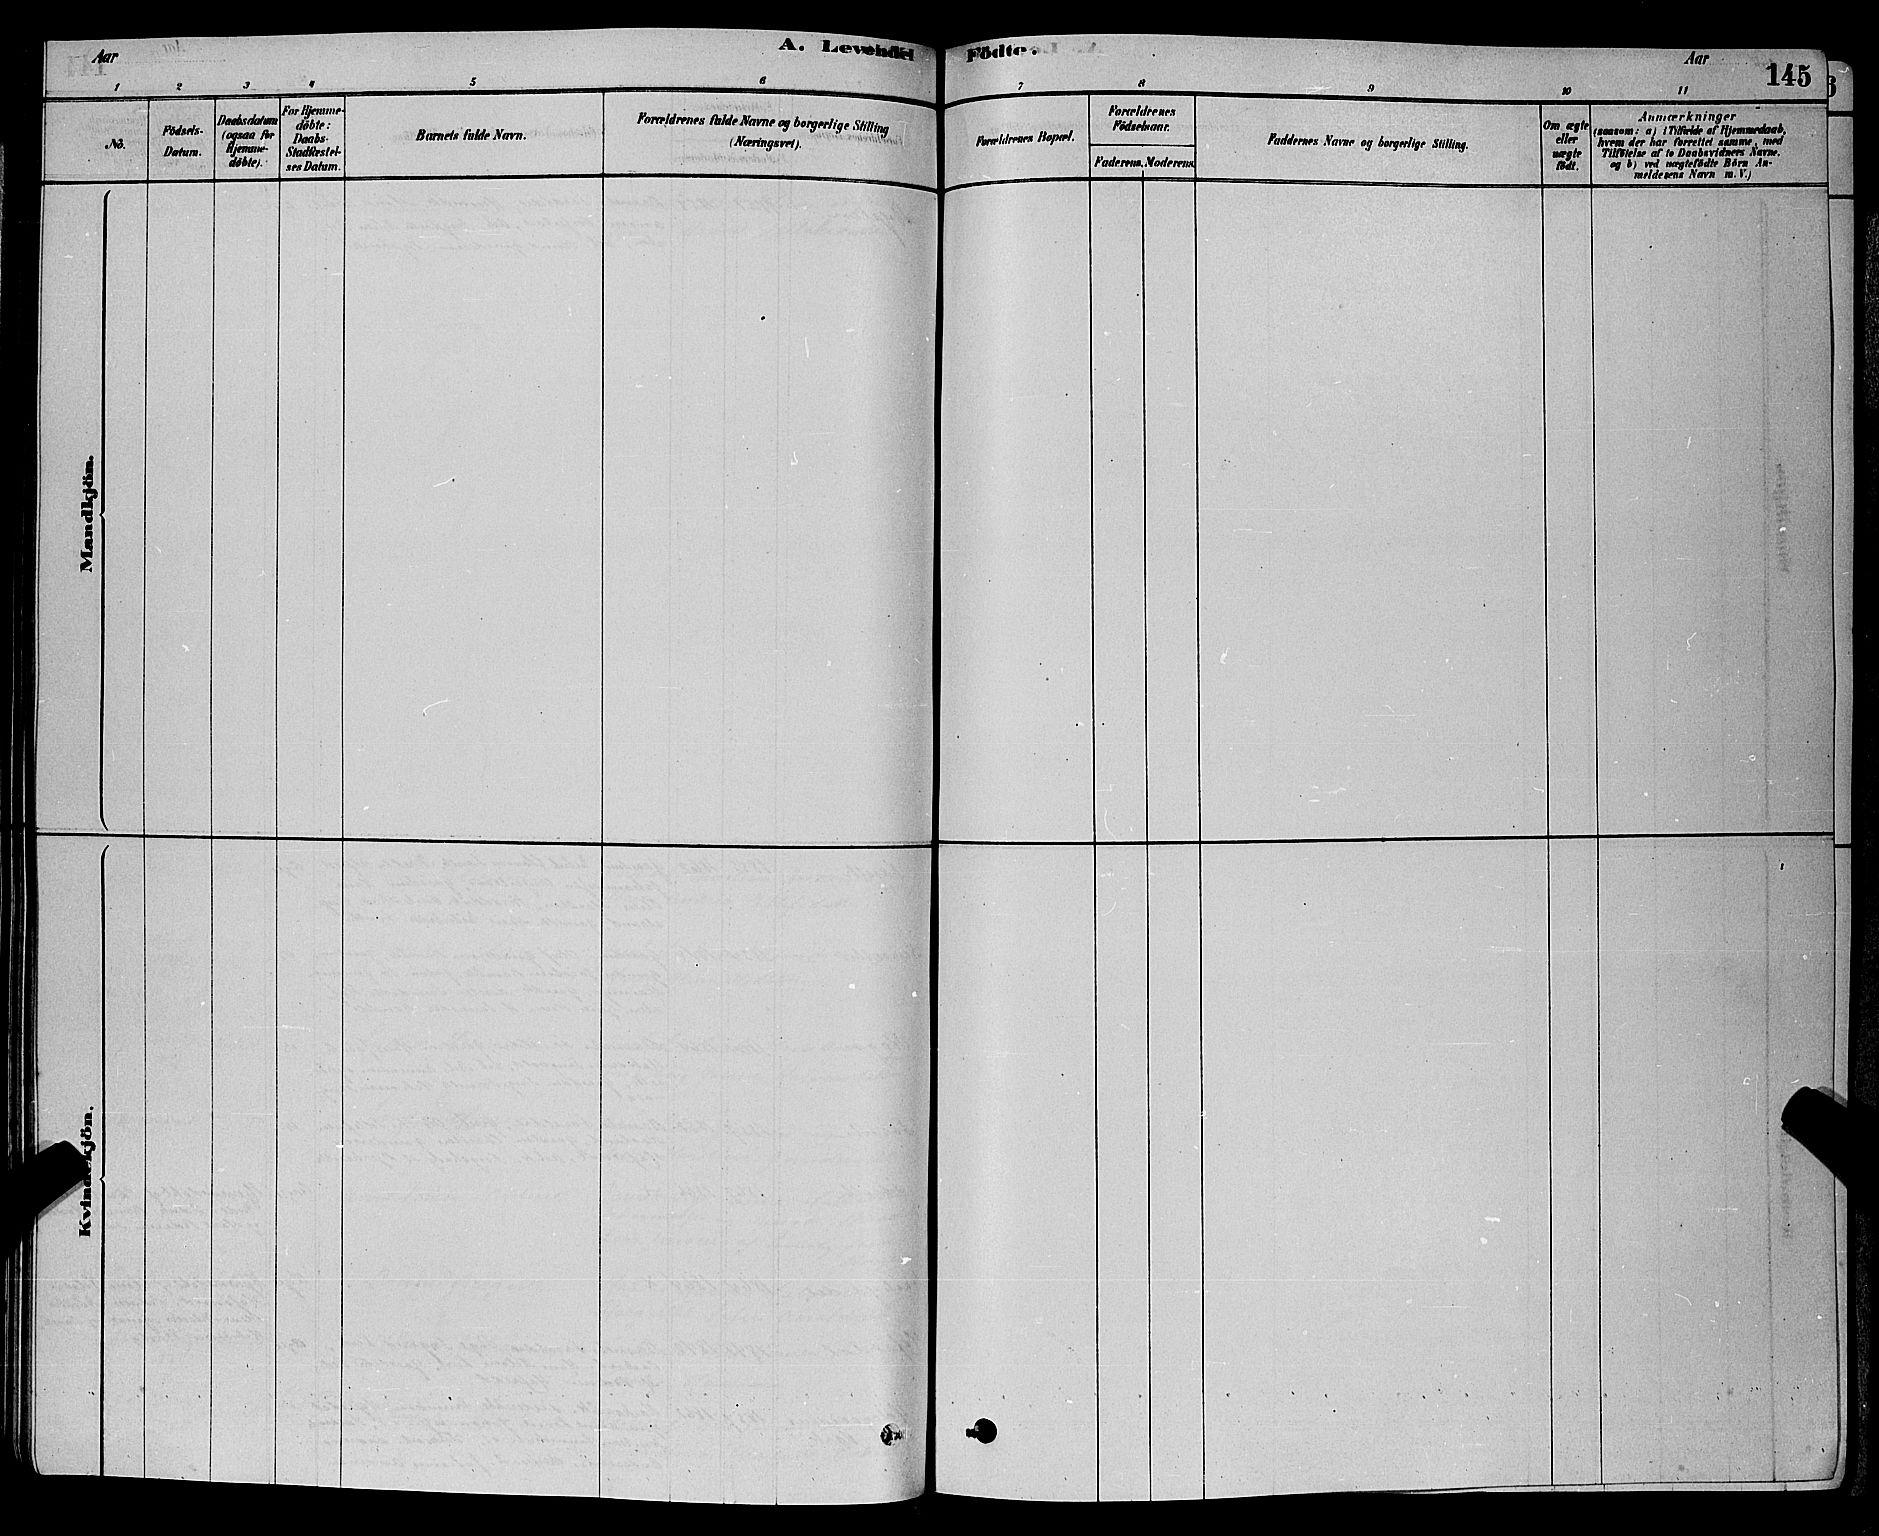 SAKO, Bamble kirkebøker, G/Ga/L0008: Klokkerbok nr. I 8, 1878-1888, s. 145